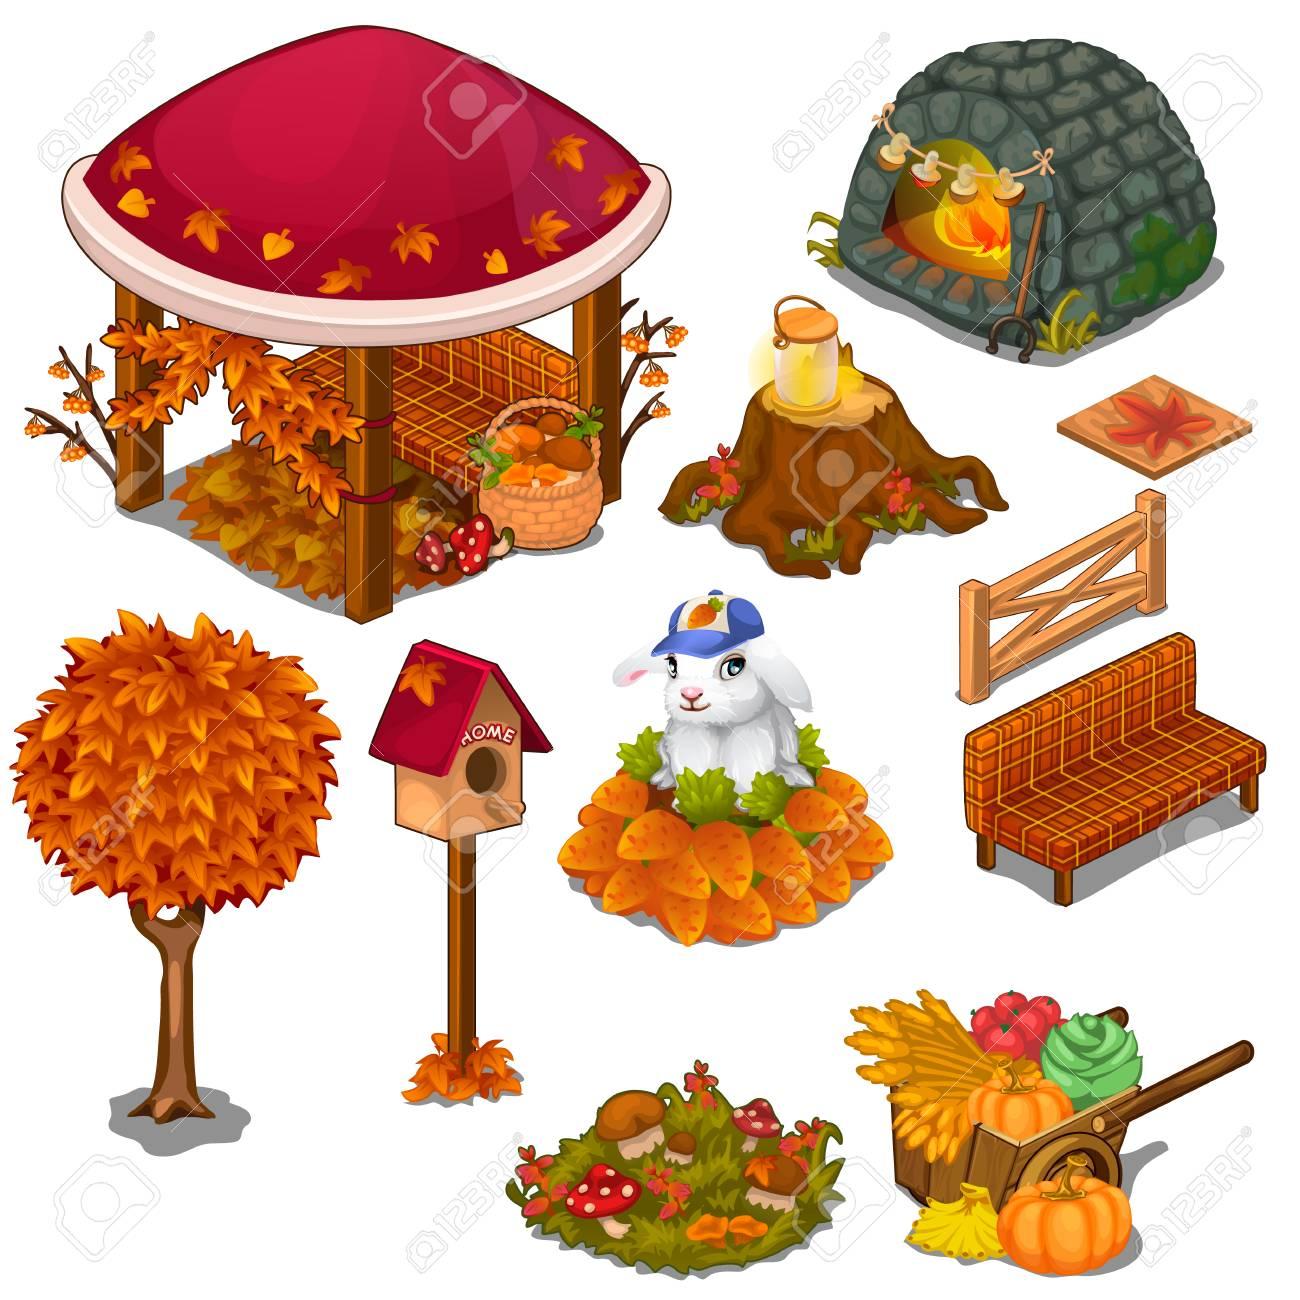 Set Von Nützlichen Und Dekorativen Elementen Für Den Garten. Laube, Herd,  Baumstumpf,